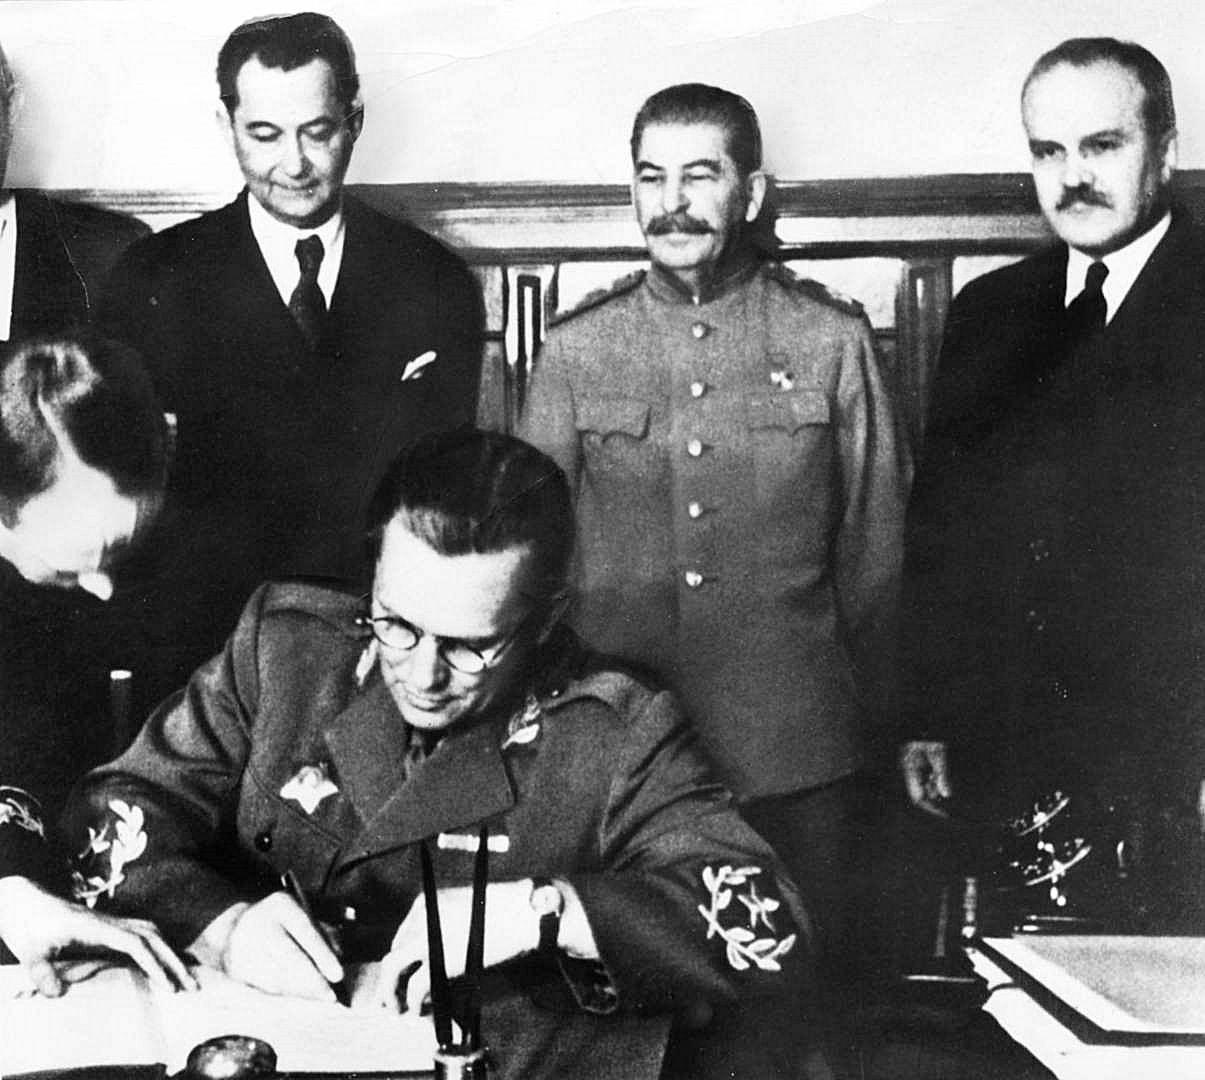 Αποτέλεσμα εικόνας για tito stalin